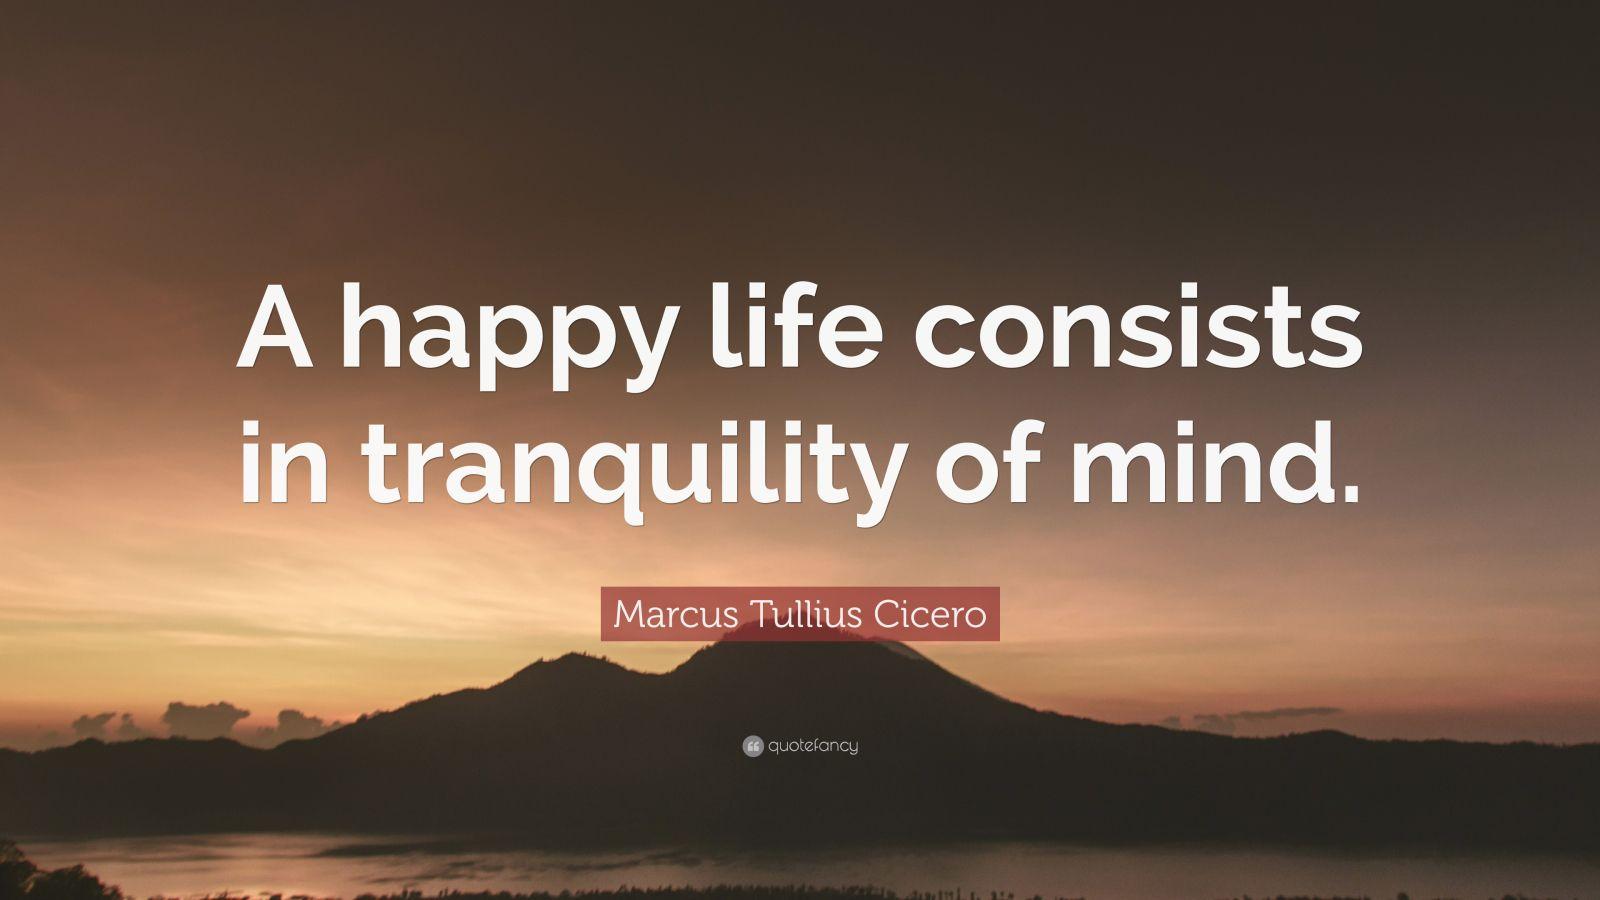 marcus tullius cicero quote happy life consists